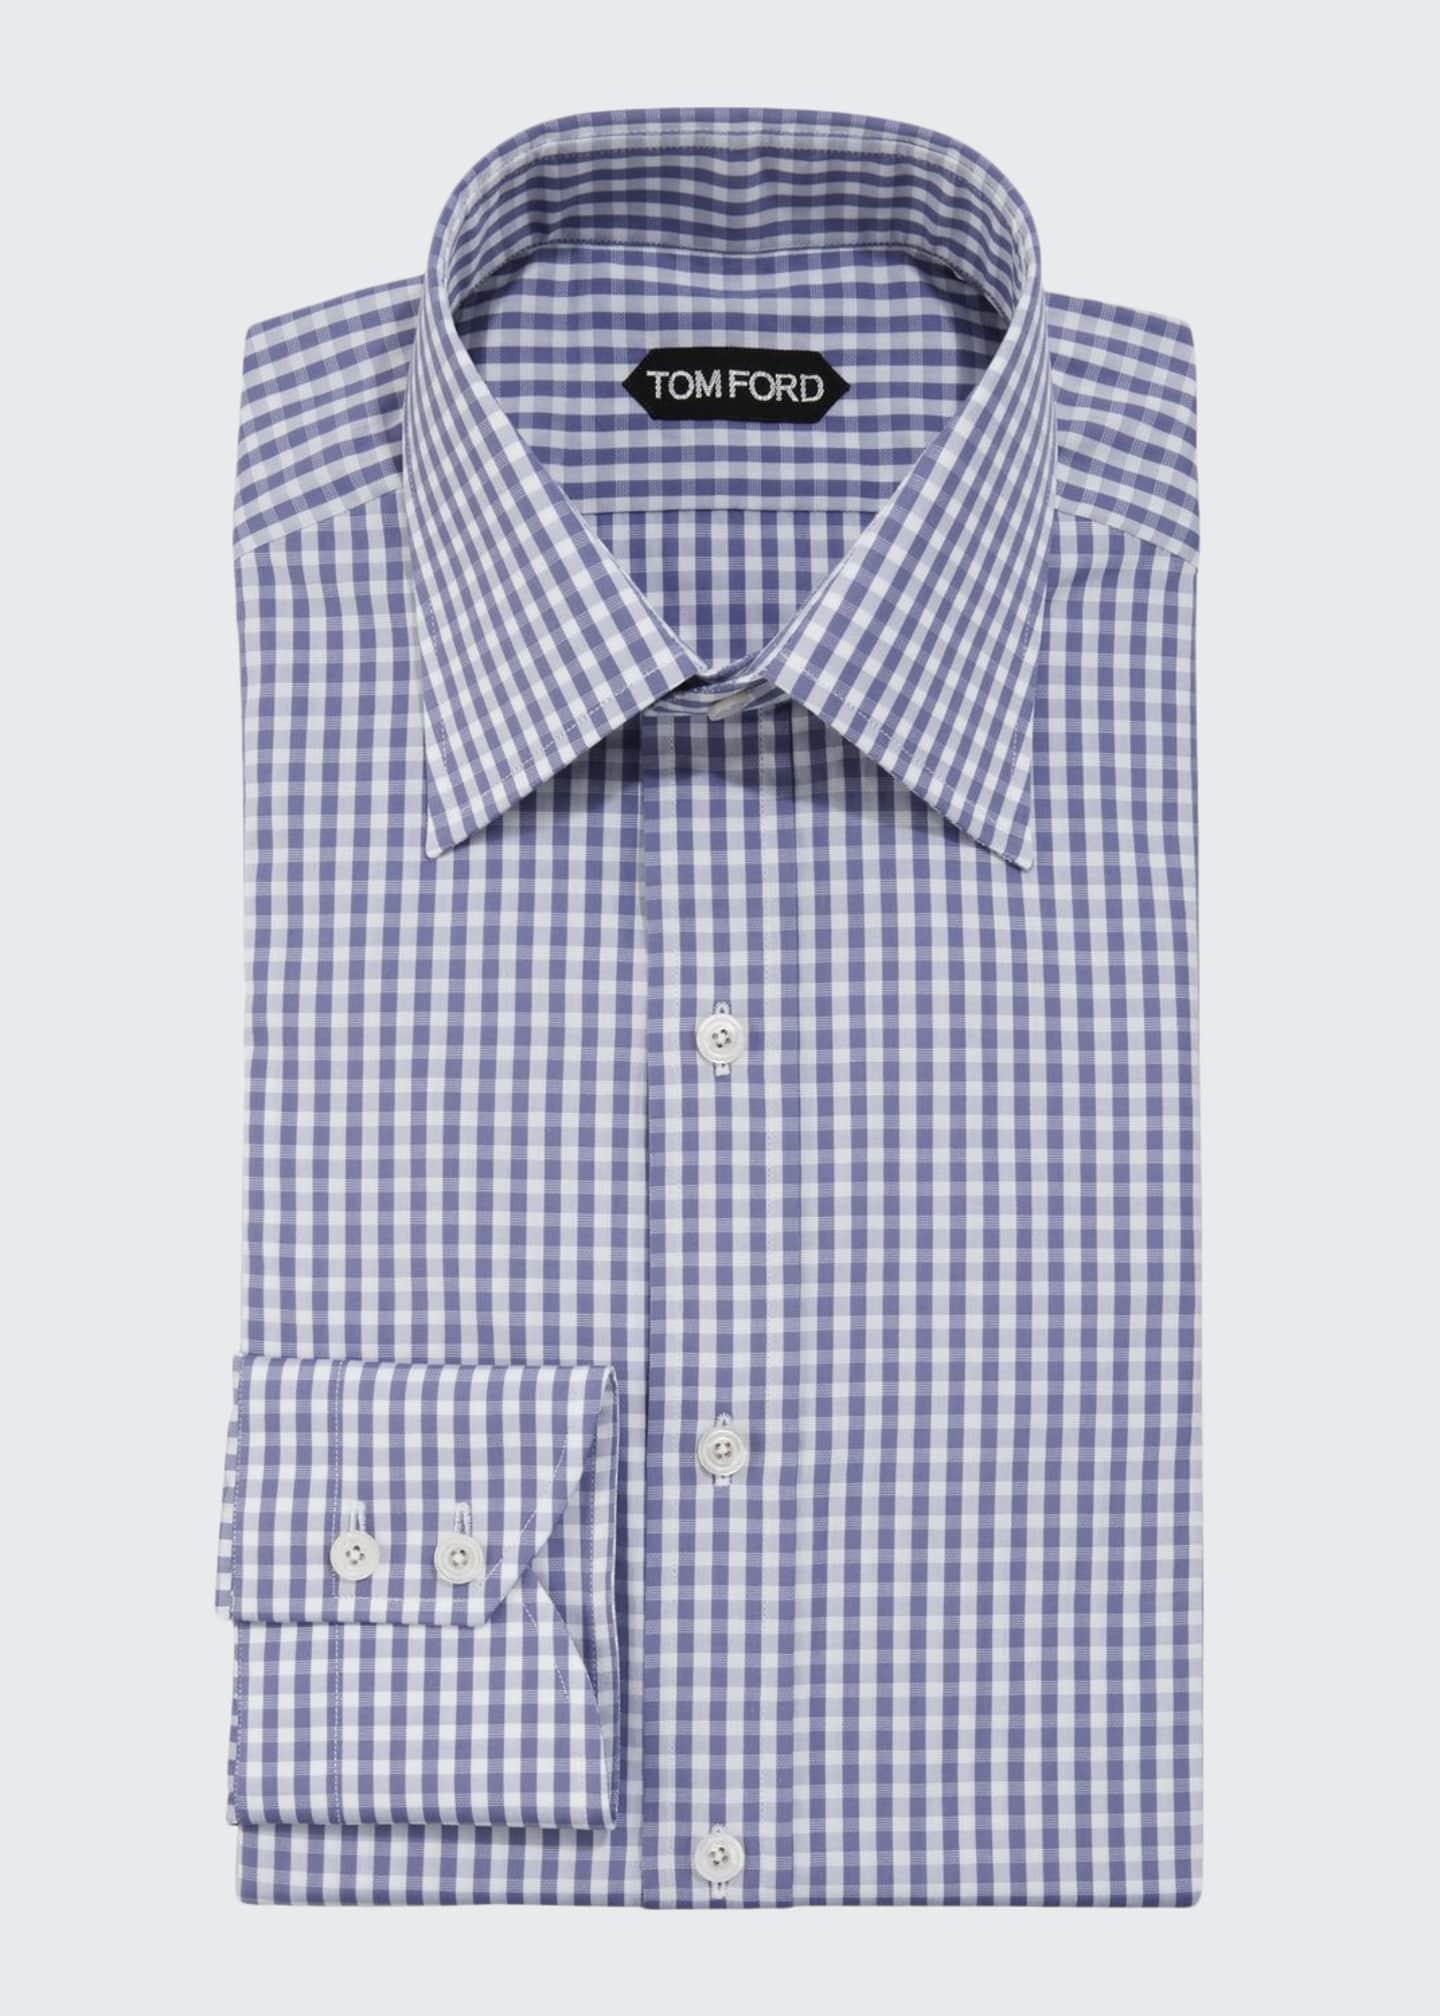 TOM FORD Men's Gingham Check Dress Shirt